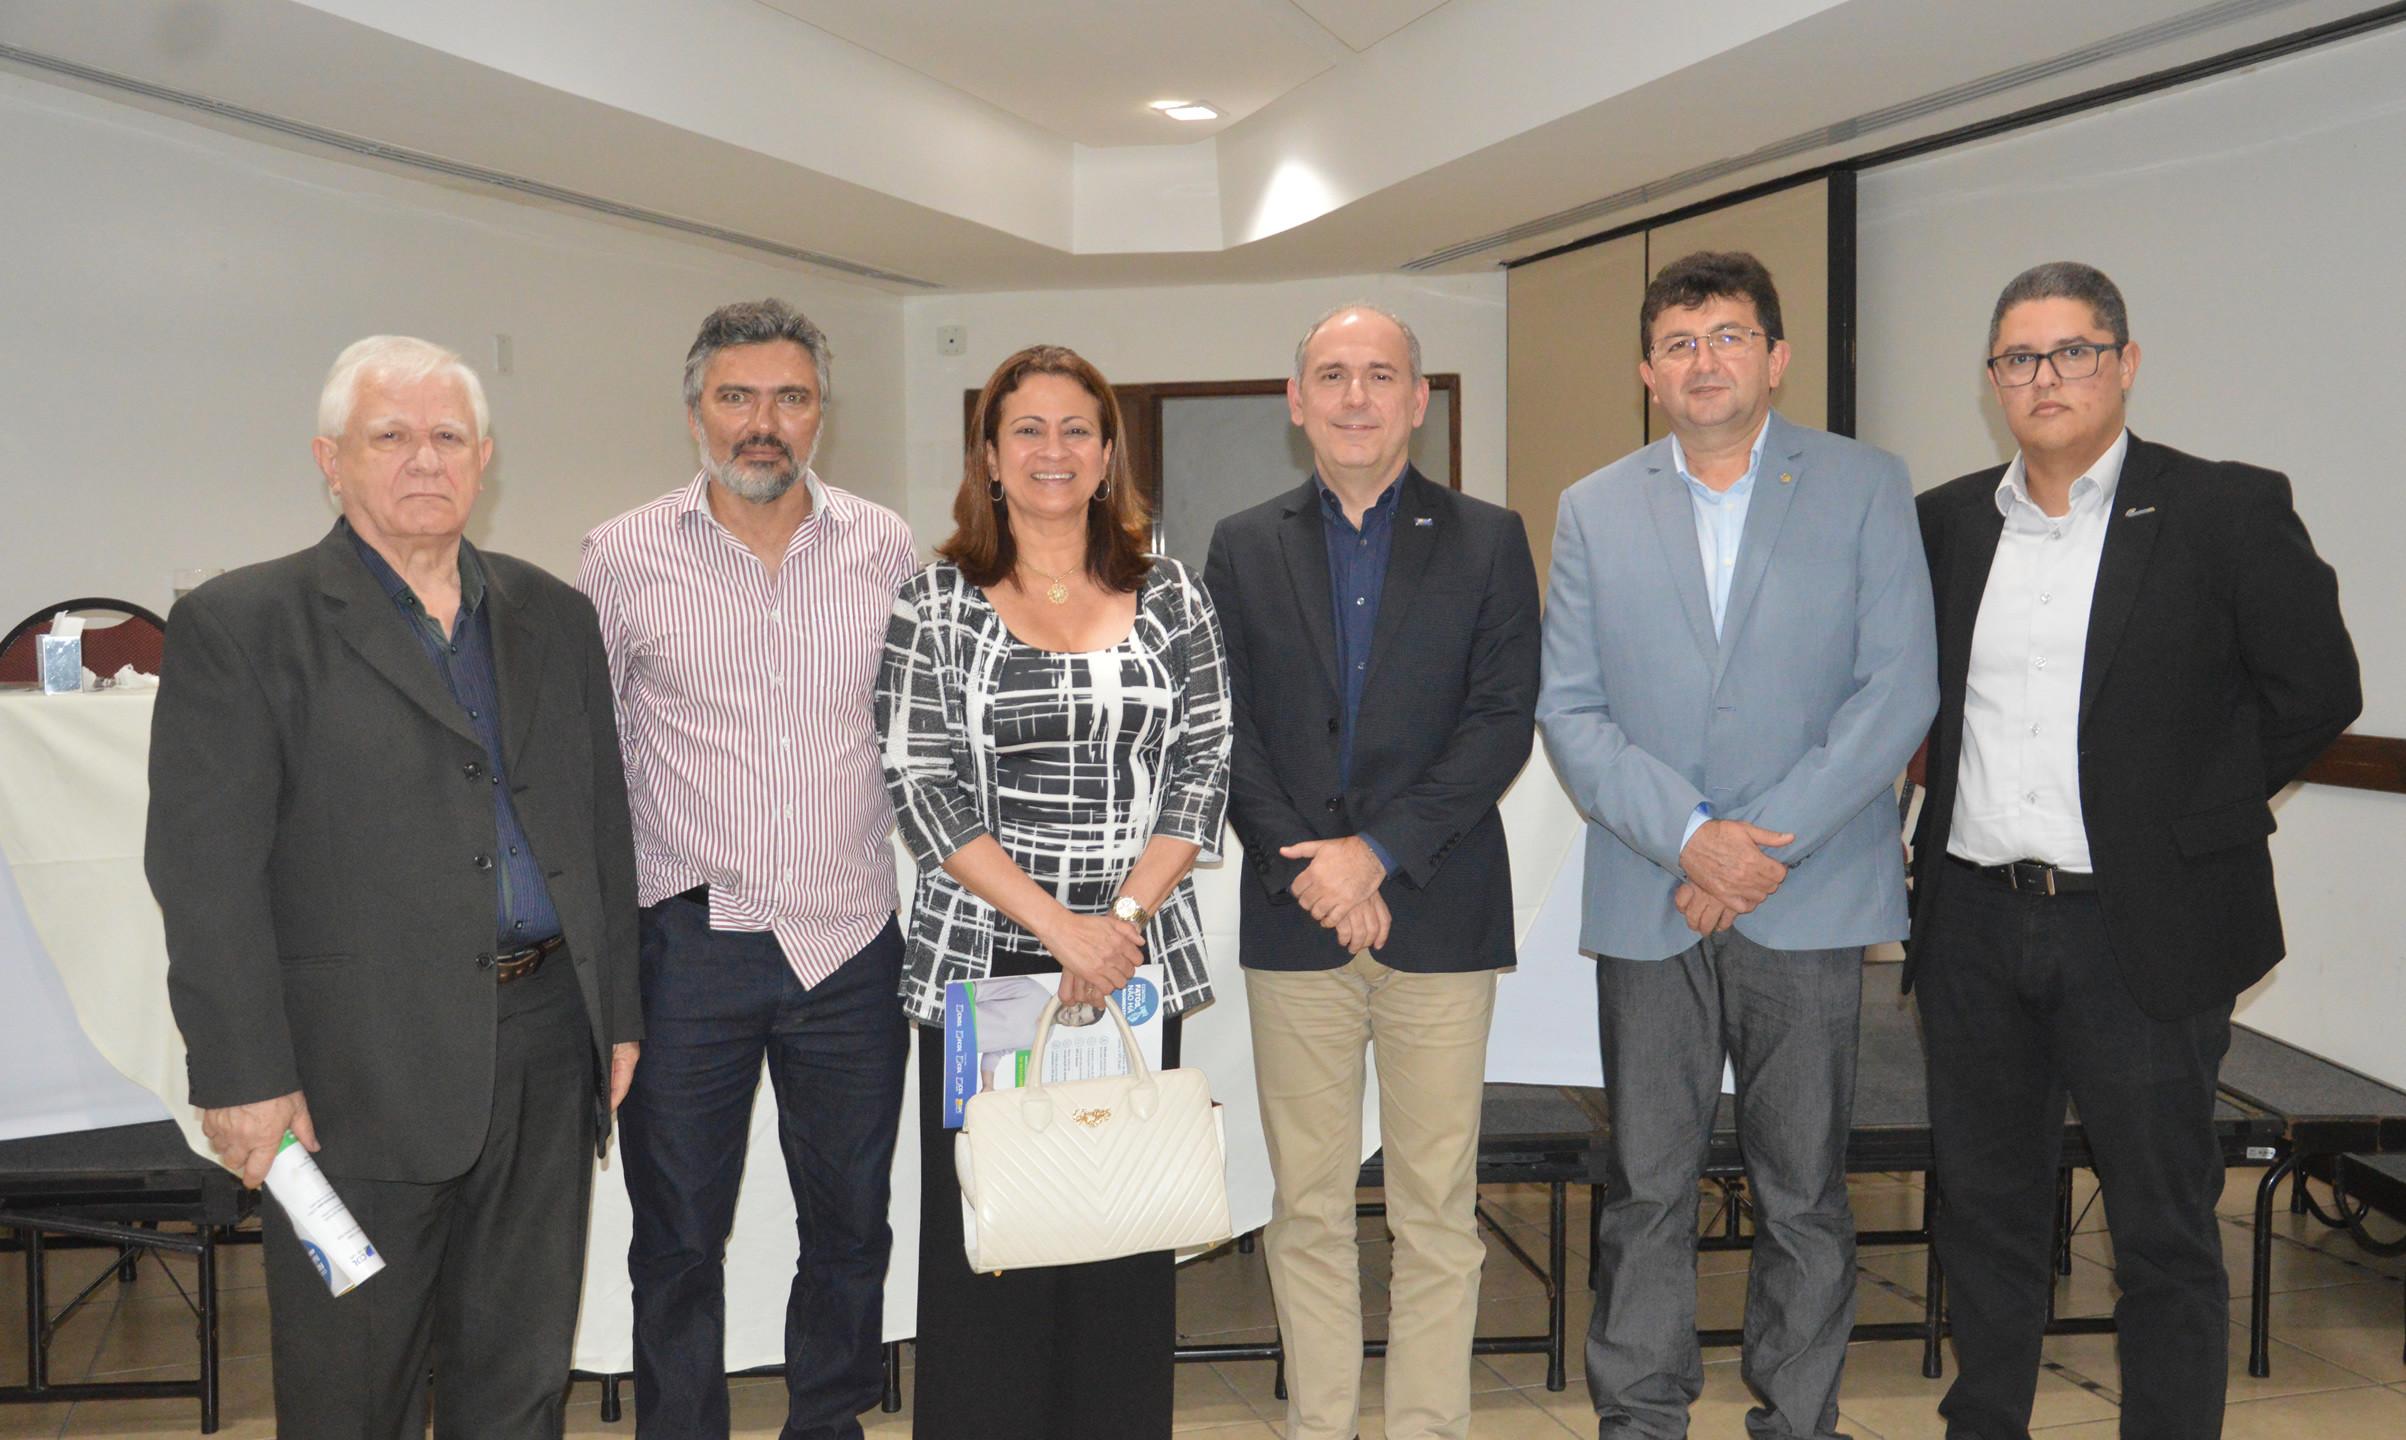 José Lopes, Nauro Muniz, Léa Silva, Fábio Ribeiro, João Conrado e Max Medeiros (Fecomércio)